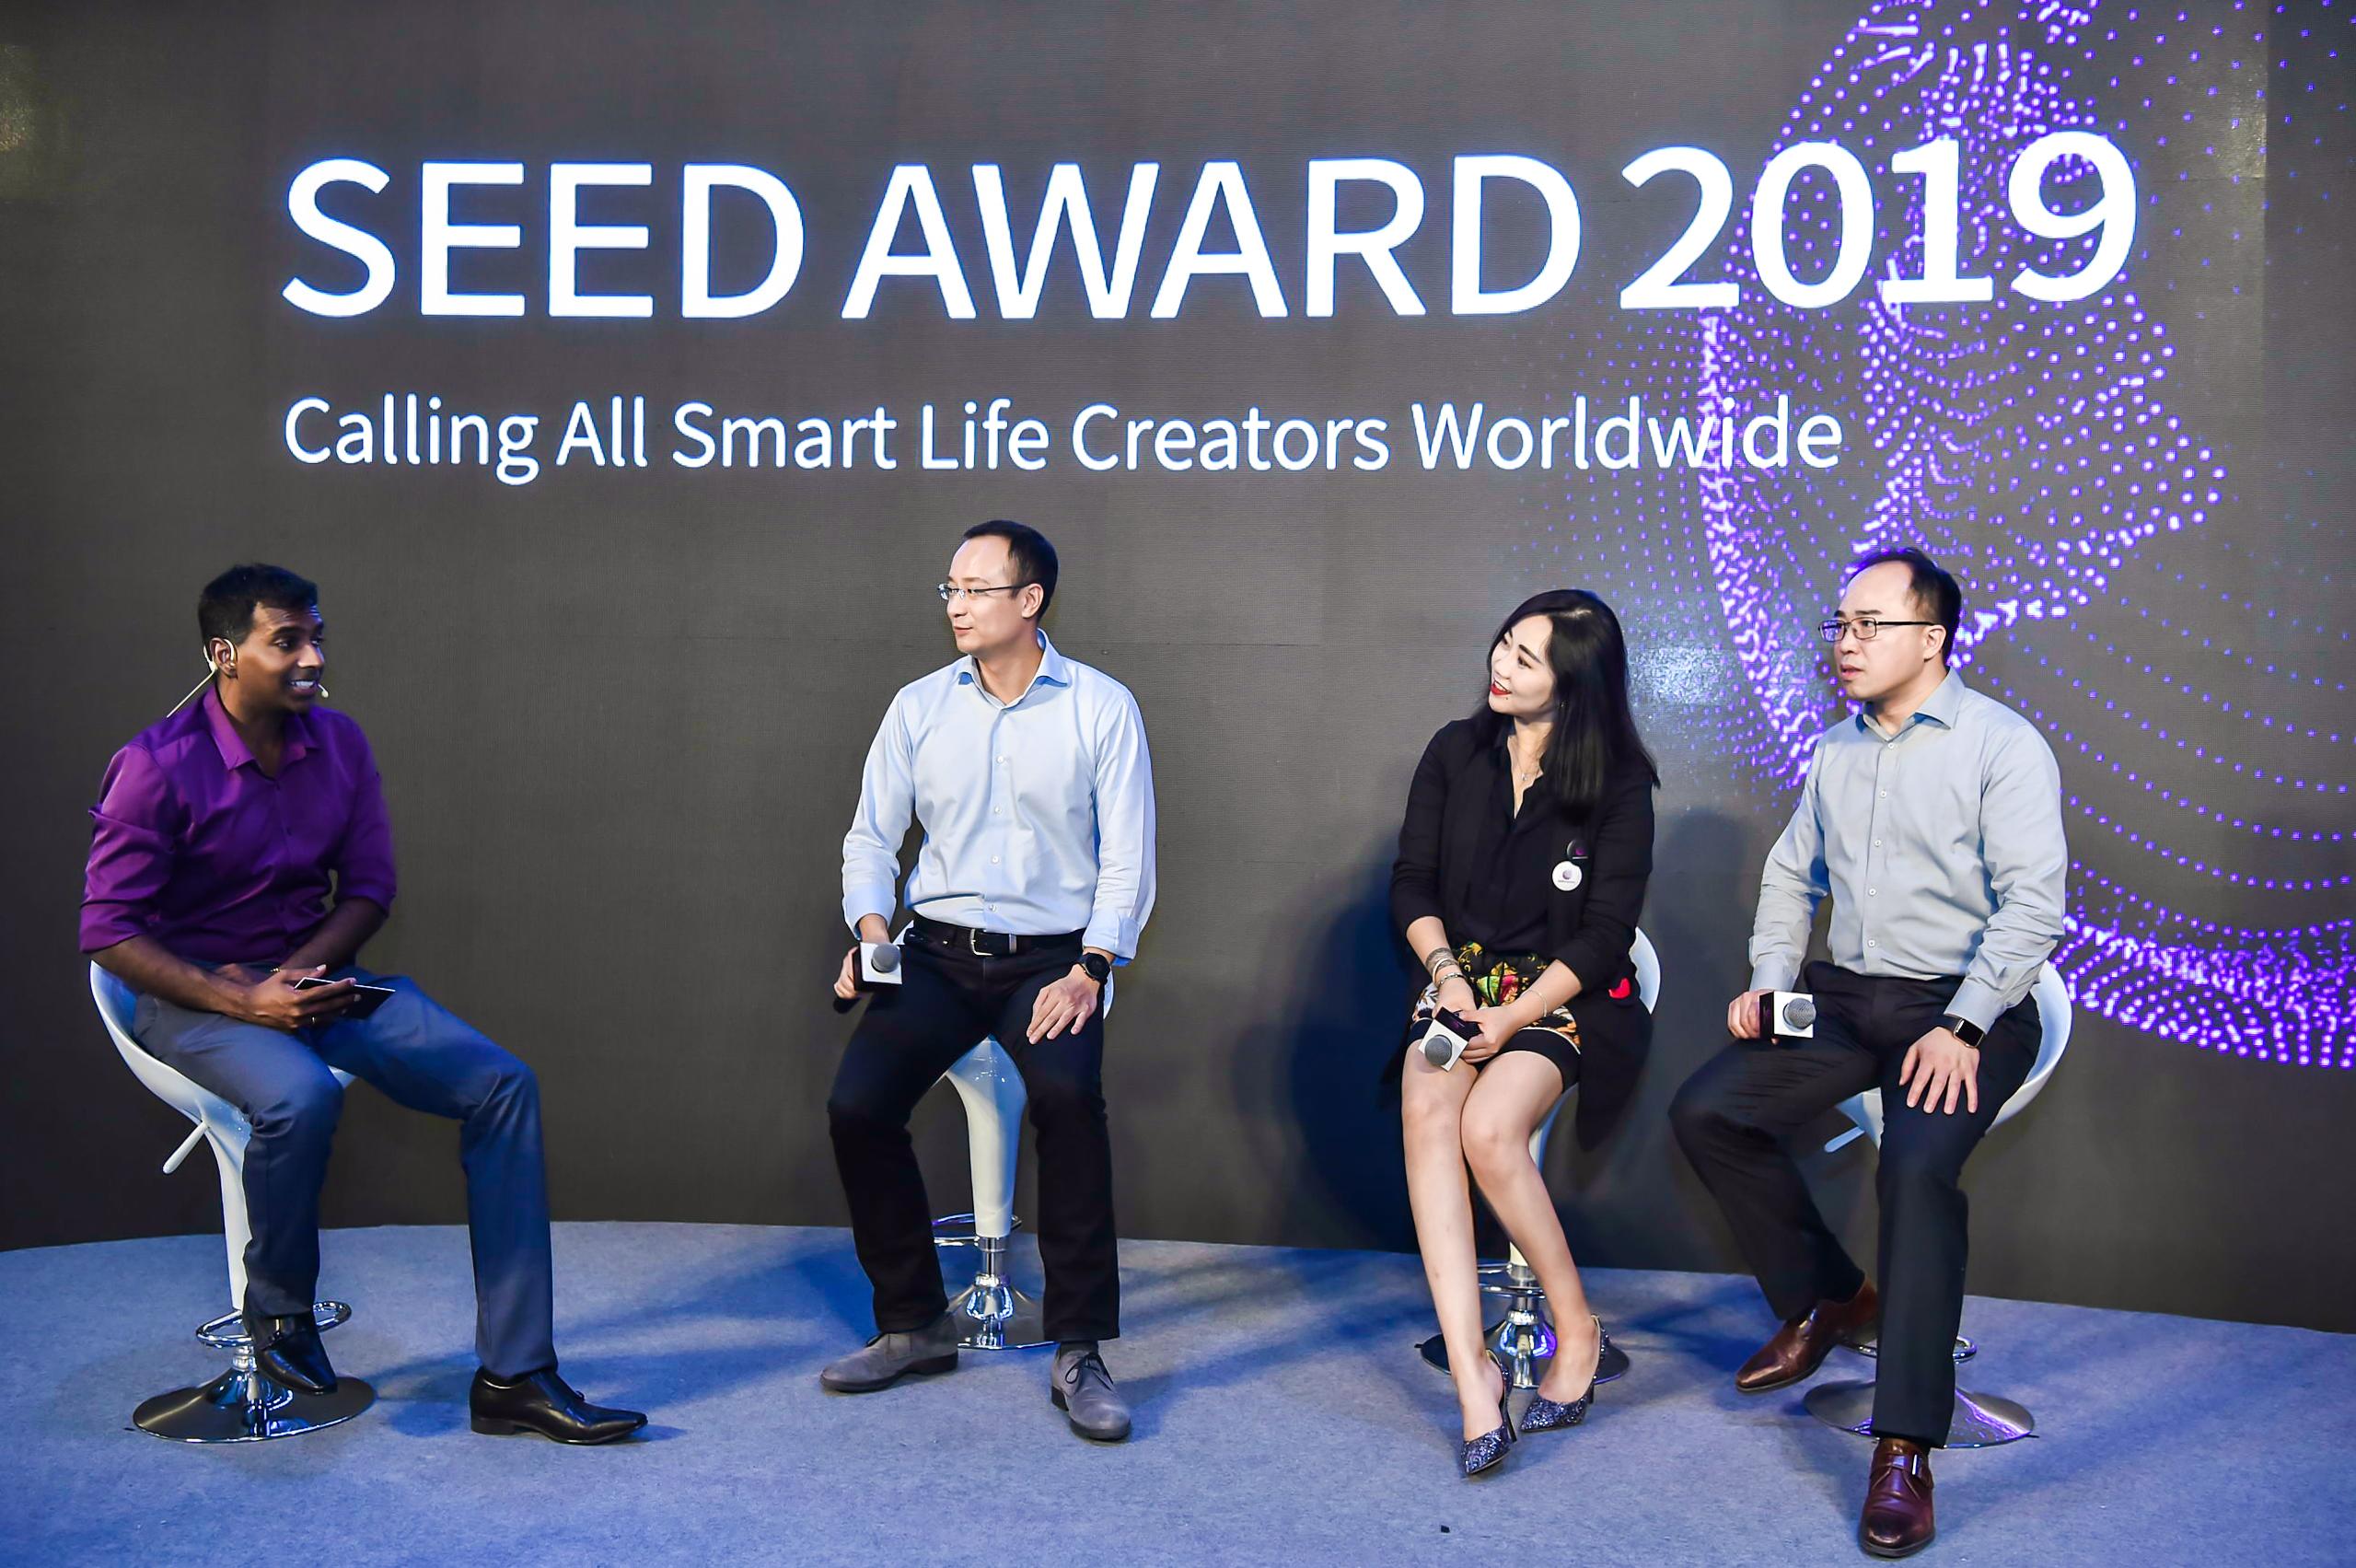 全球首个智慧生活创想者大奖启动 SEED AWARD百万重奖创想者